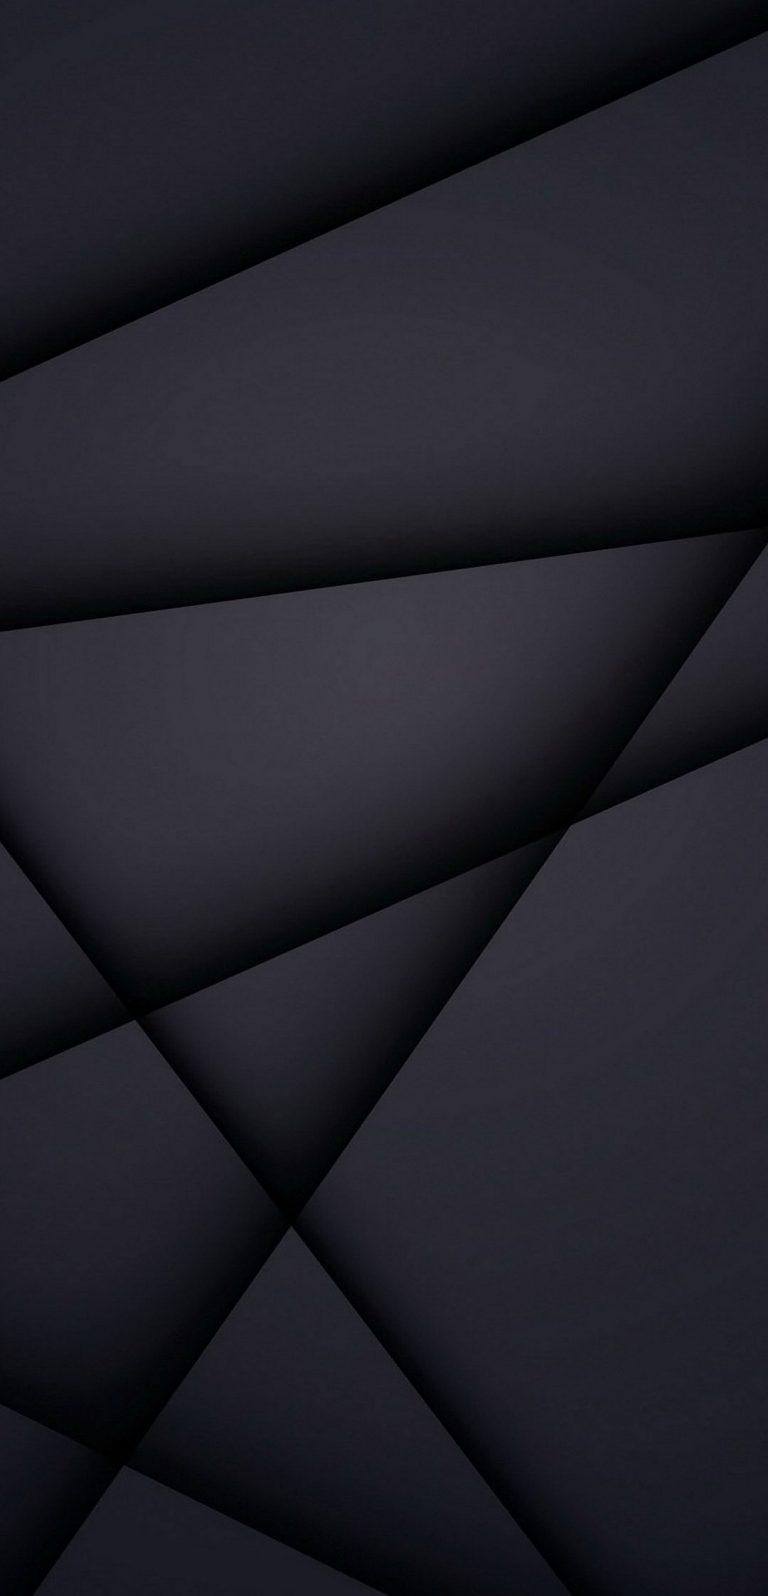 1080x2244 Wallpaper 011 768x1596